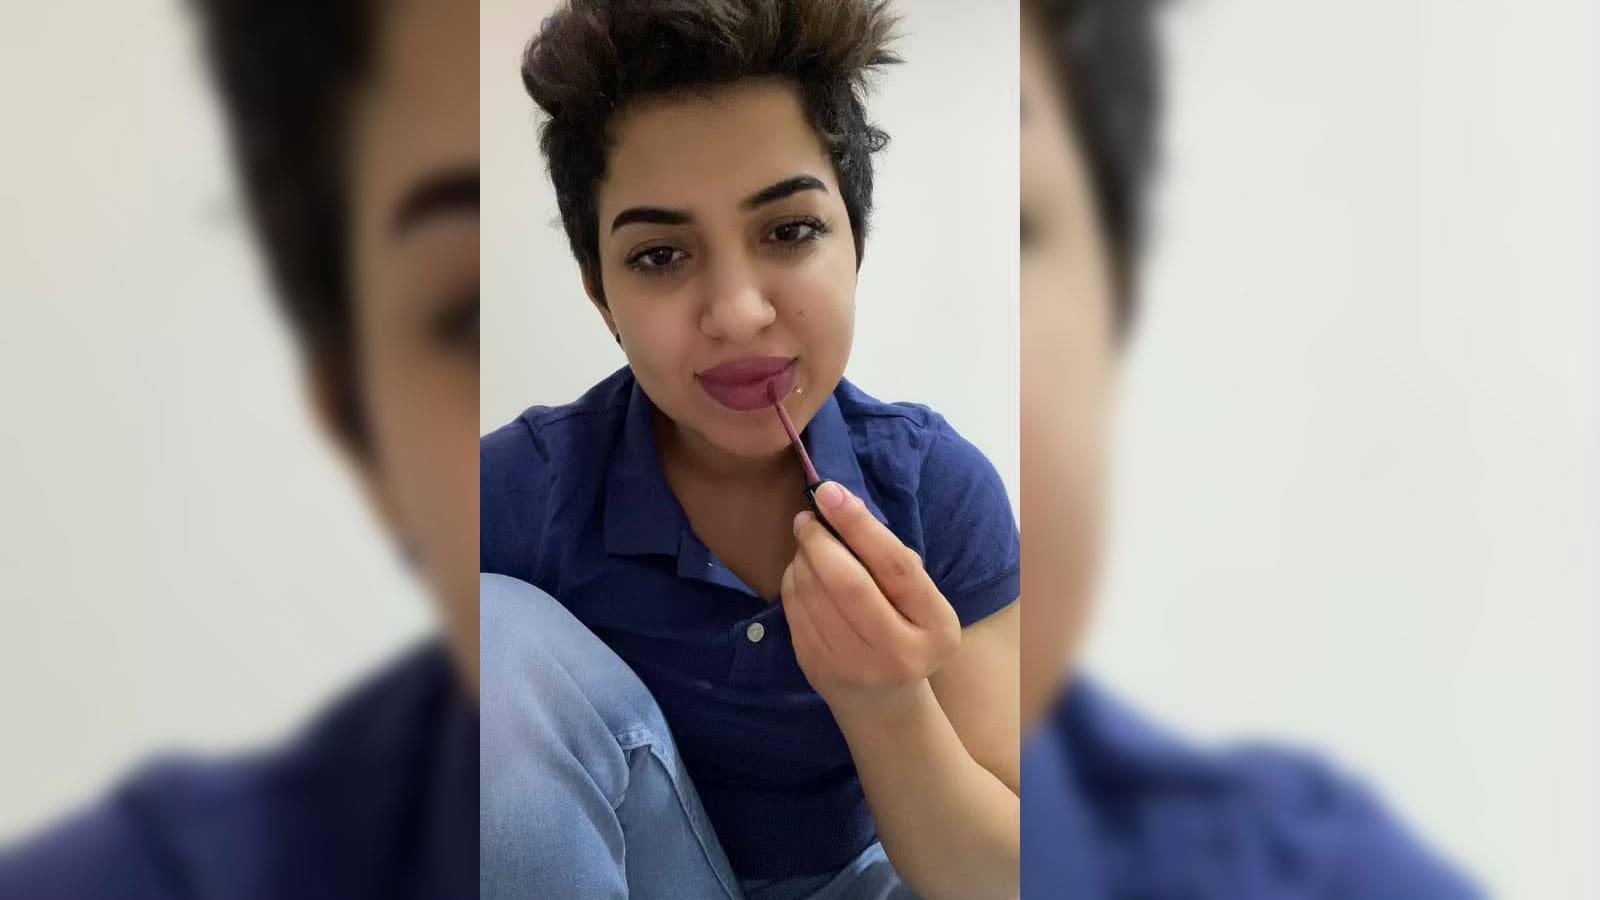 والد المشهورة السعودية مشاعل القحطاني يثير سجالا بتأييده سجن ابنته